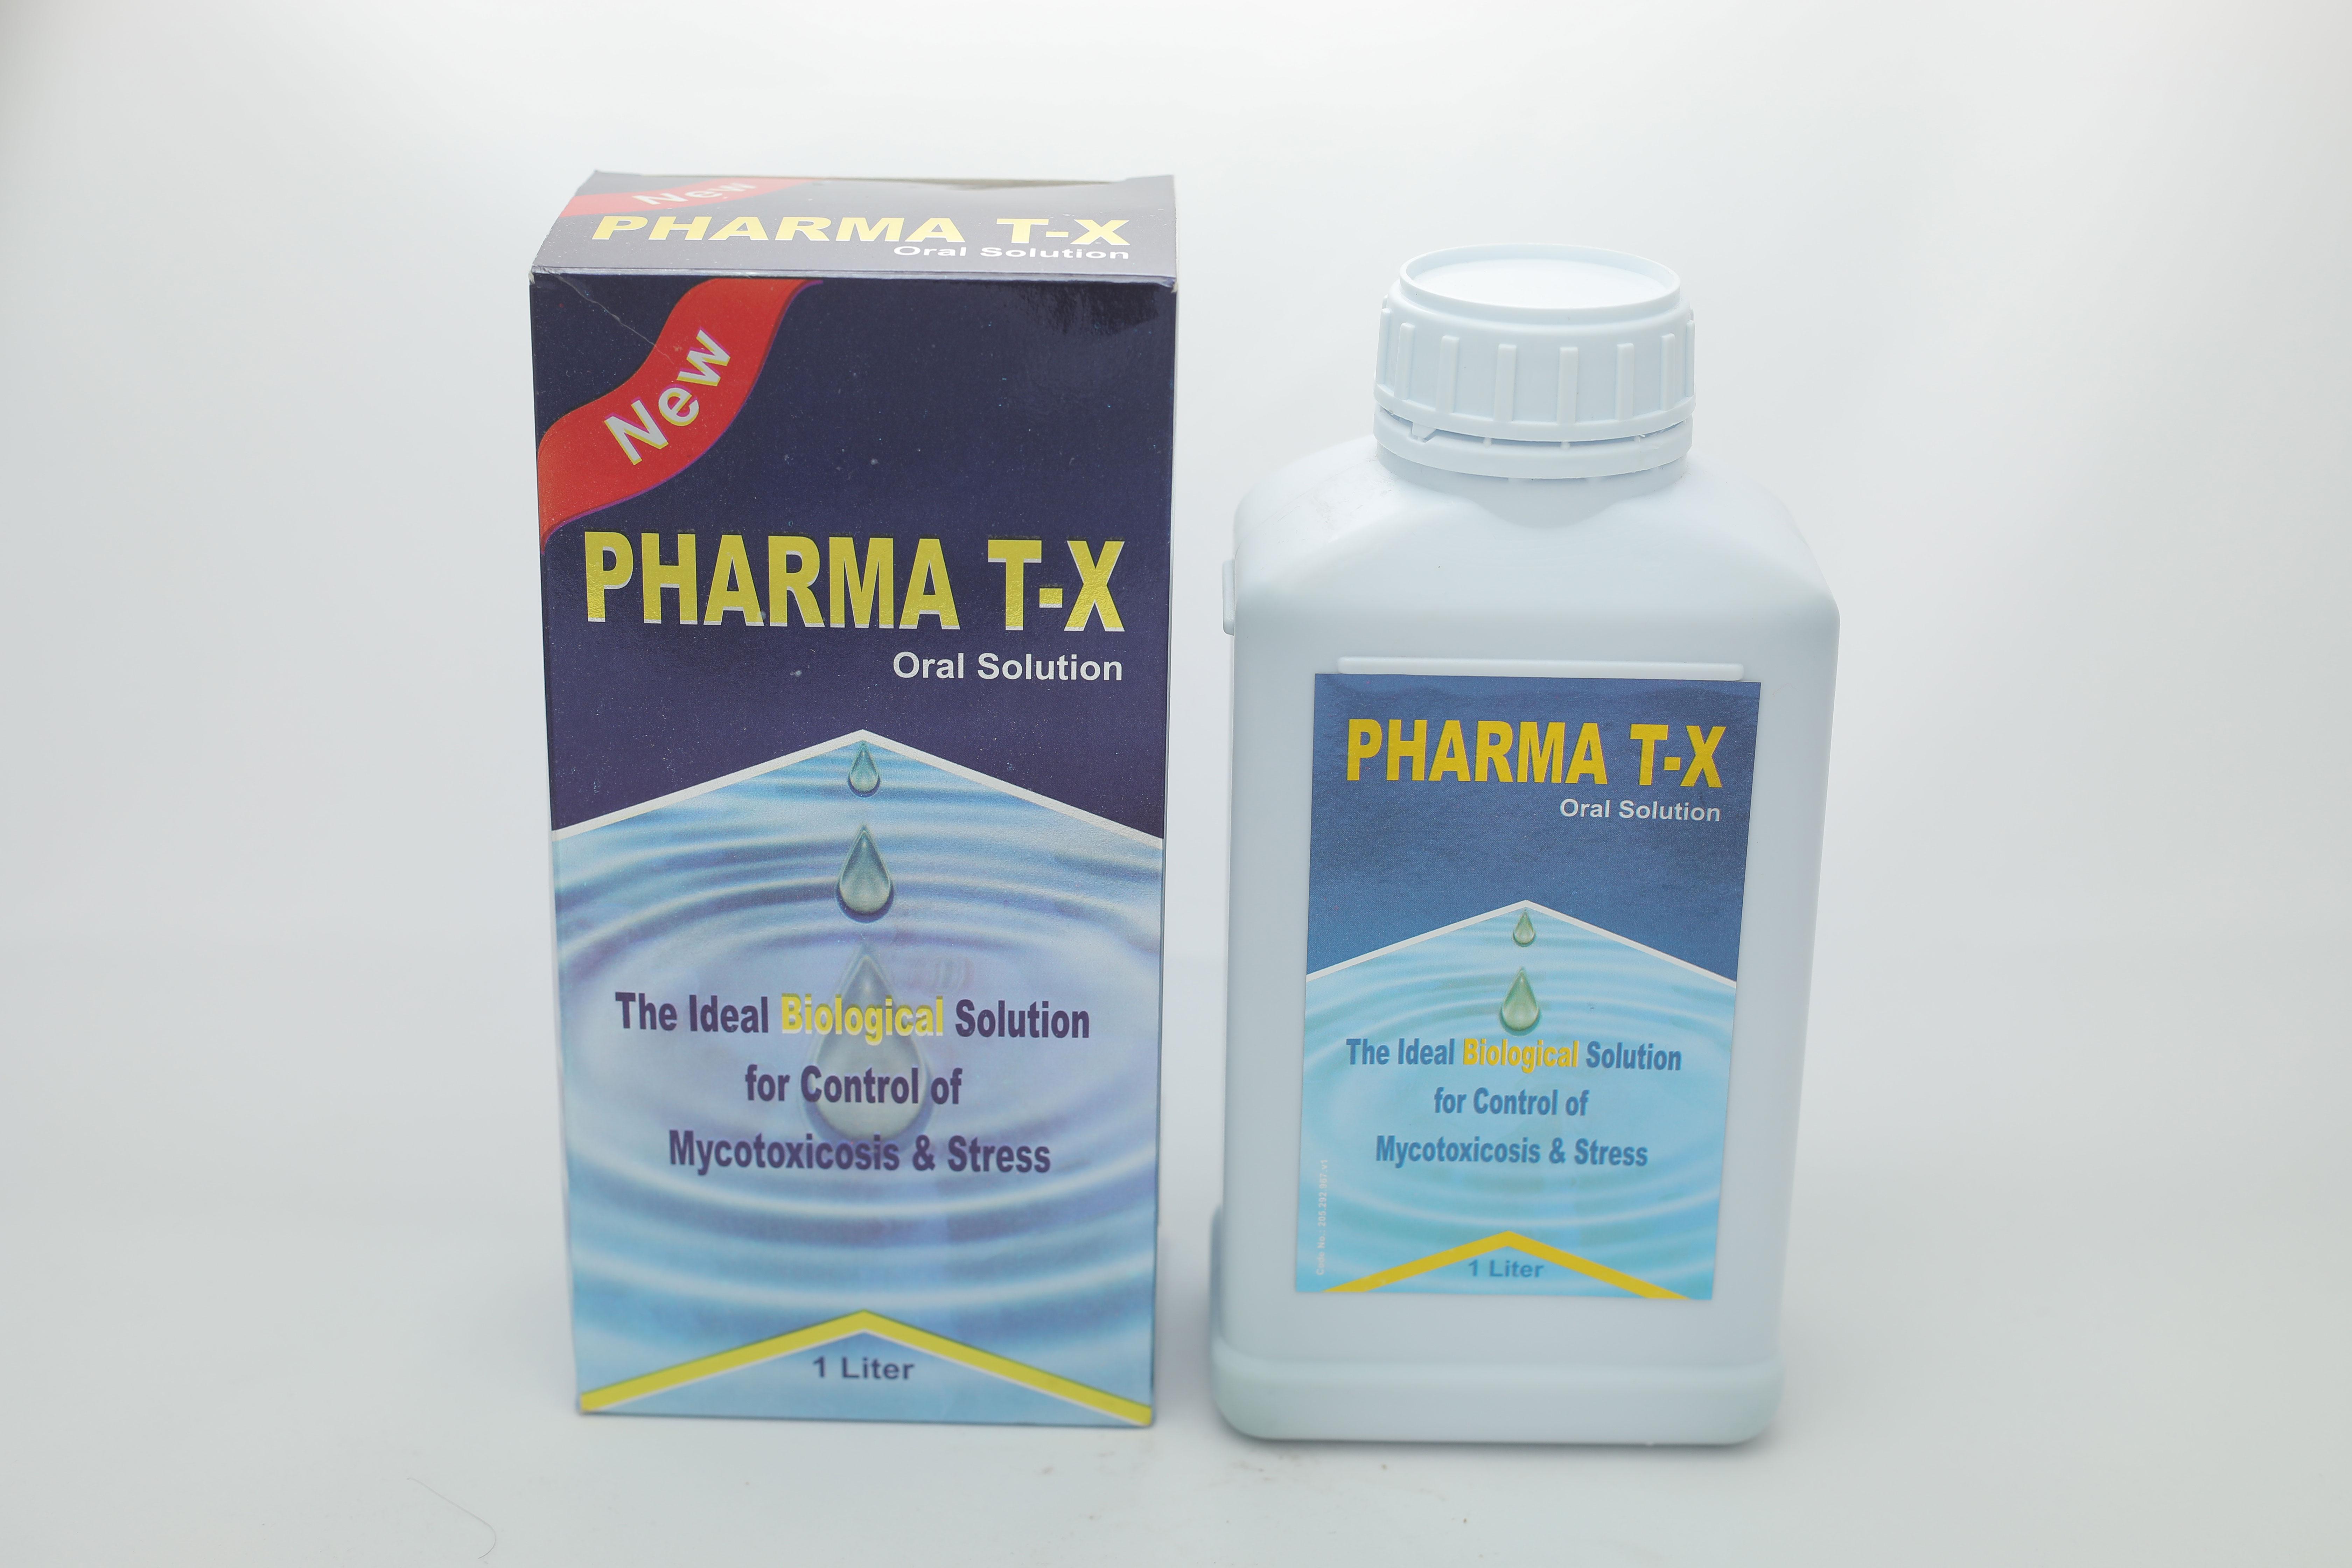 Pharma T X